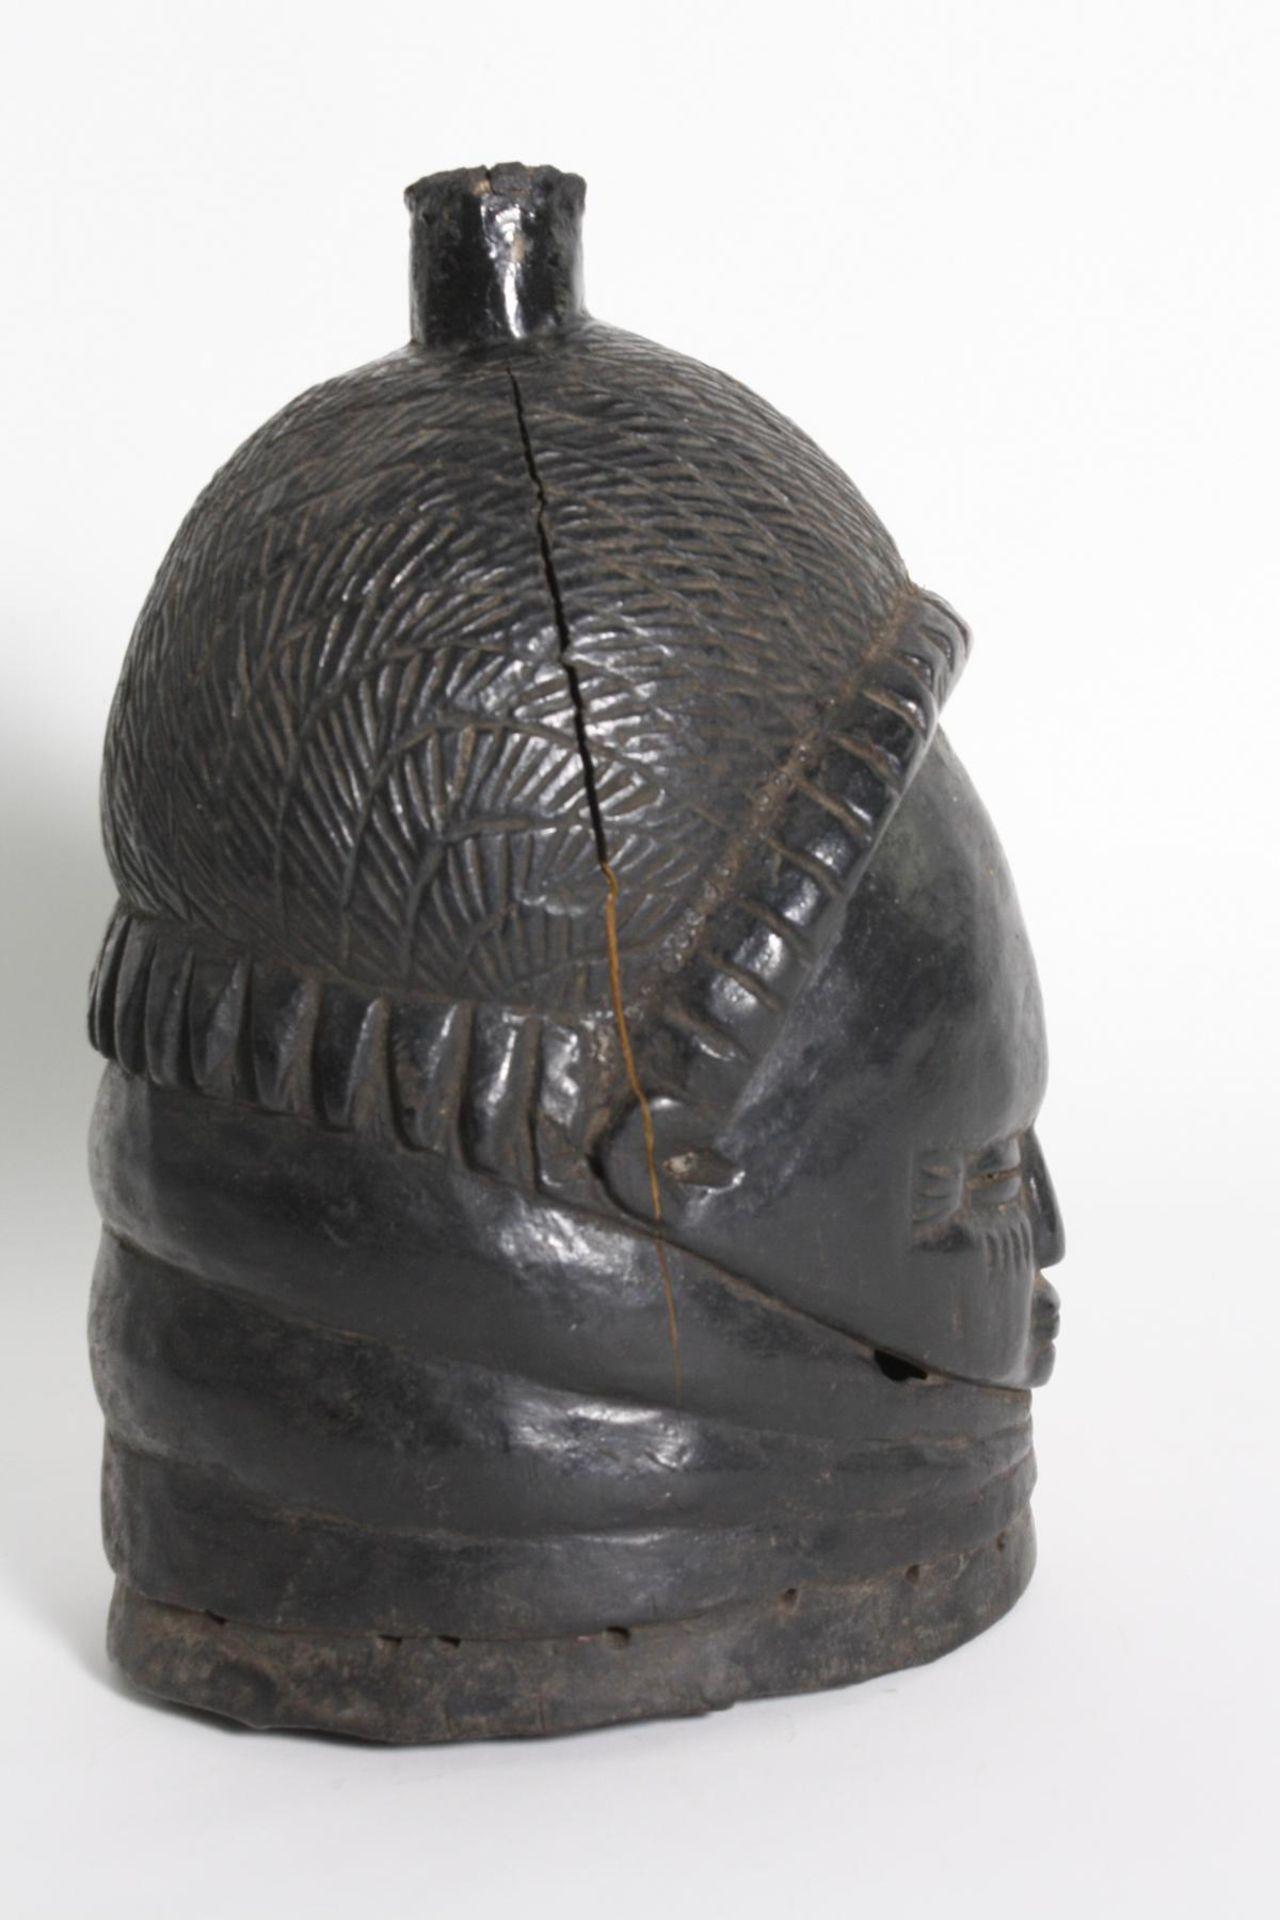 Sowei-Maske, Sandé-Gesellschaft, Mende, Sierra Leone, 1. Hälfte 20. Jh. - Bild 2 aus 4